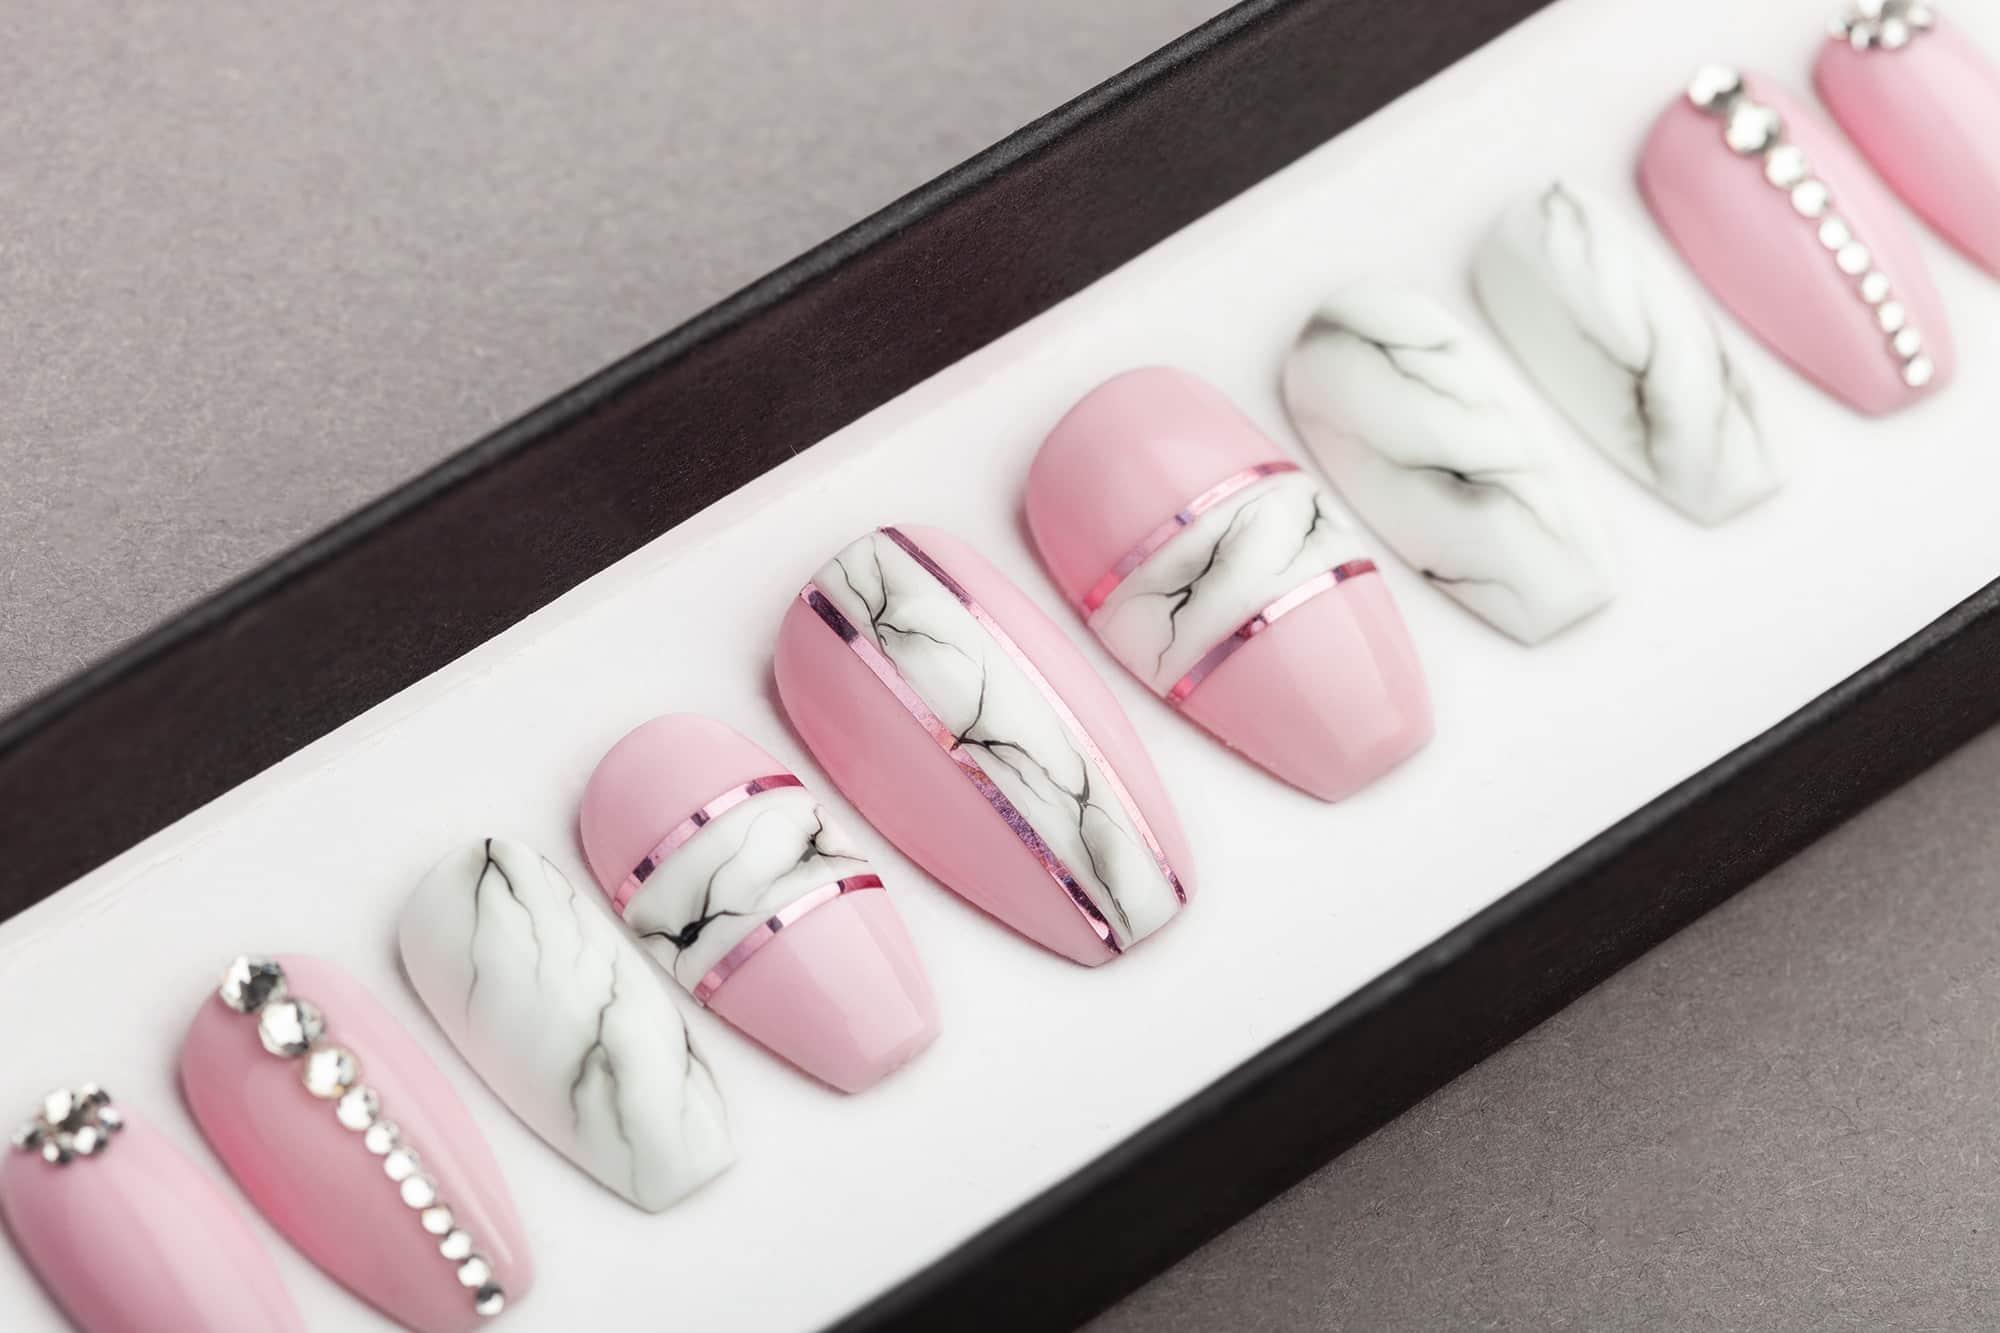 Pink and White Marble Press on Nails with Swarovski Crystals | Nail Art | Fake Nails | False Nails | Glue On Nails | Acrylic Nails